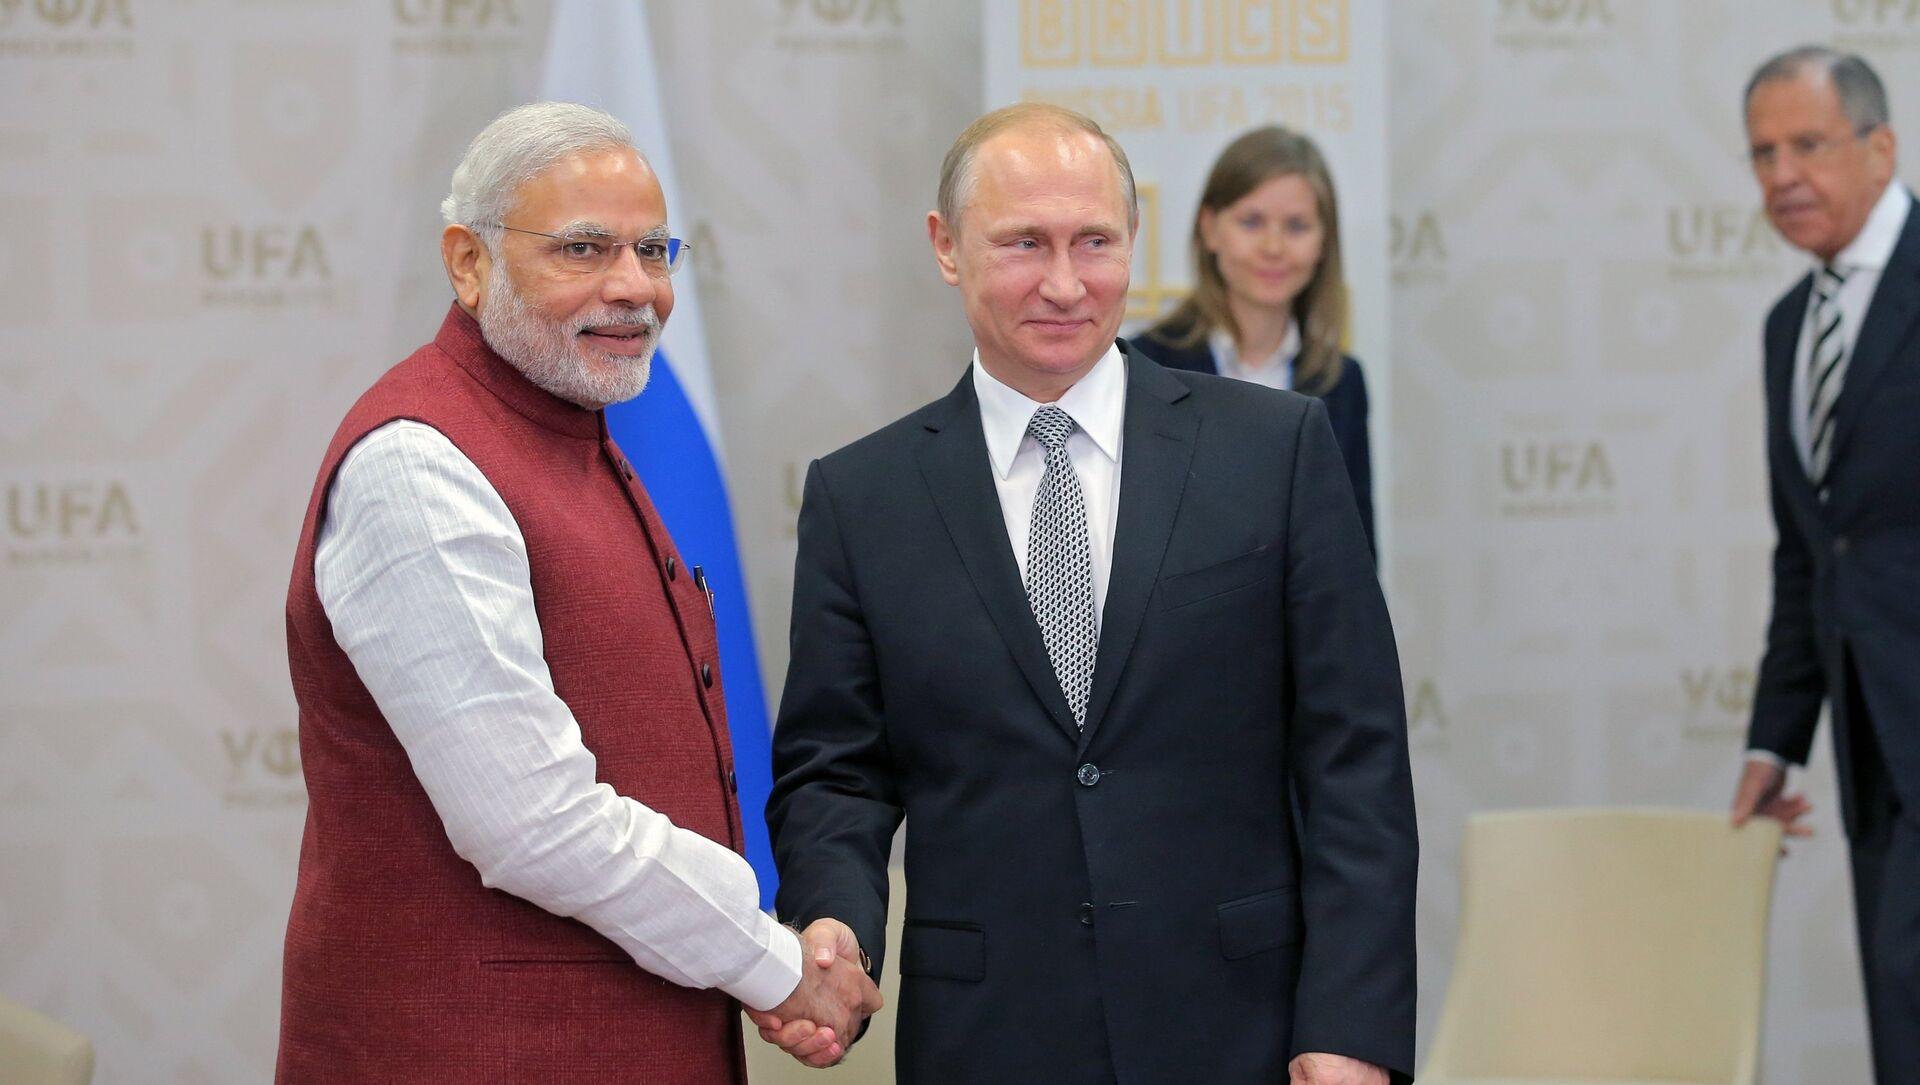 Il presidente russo Vladimir Putin e il primo ministro indiano Narendra Modi durante il loro incontro a Ufa - Sputnik Italia, 1920, 28.04.2021